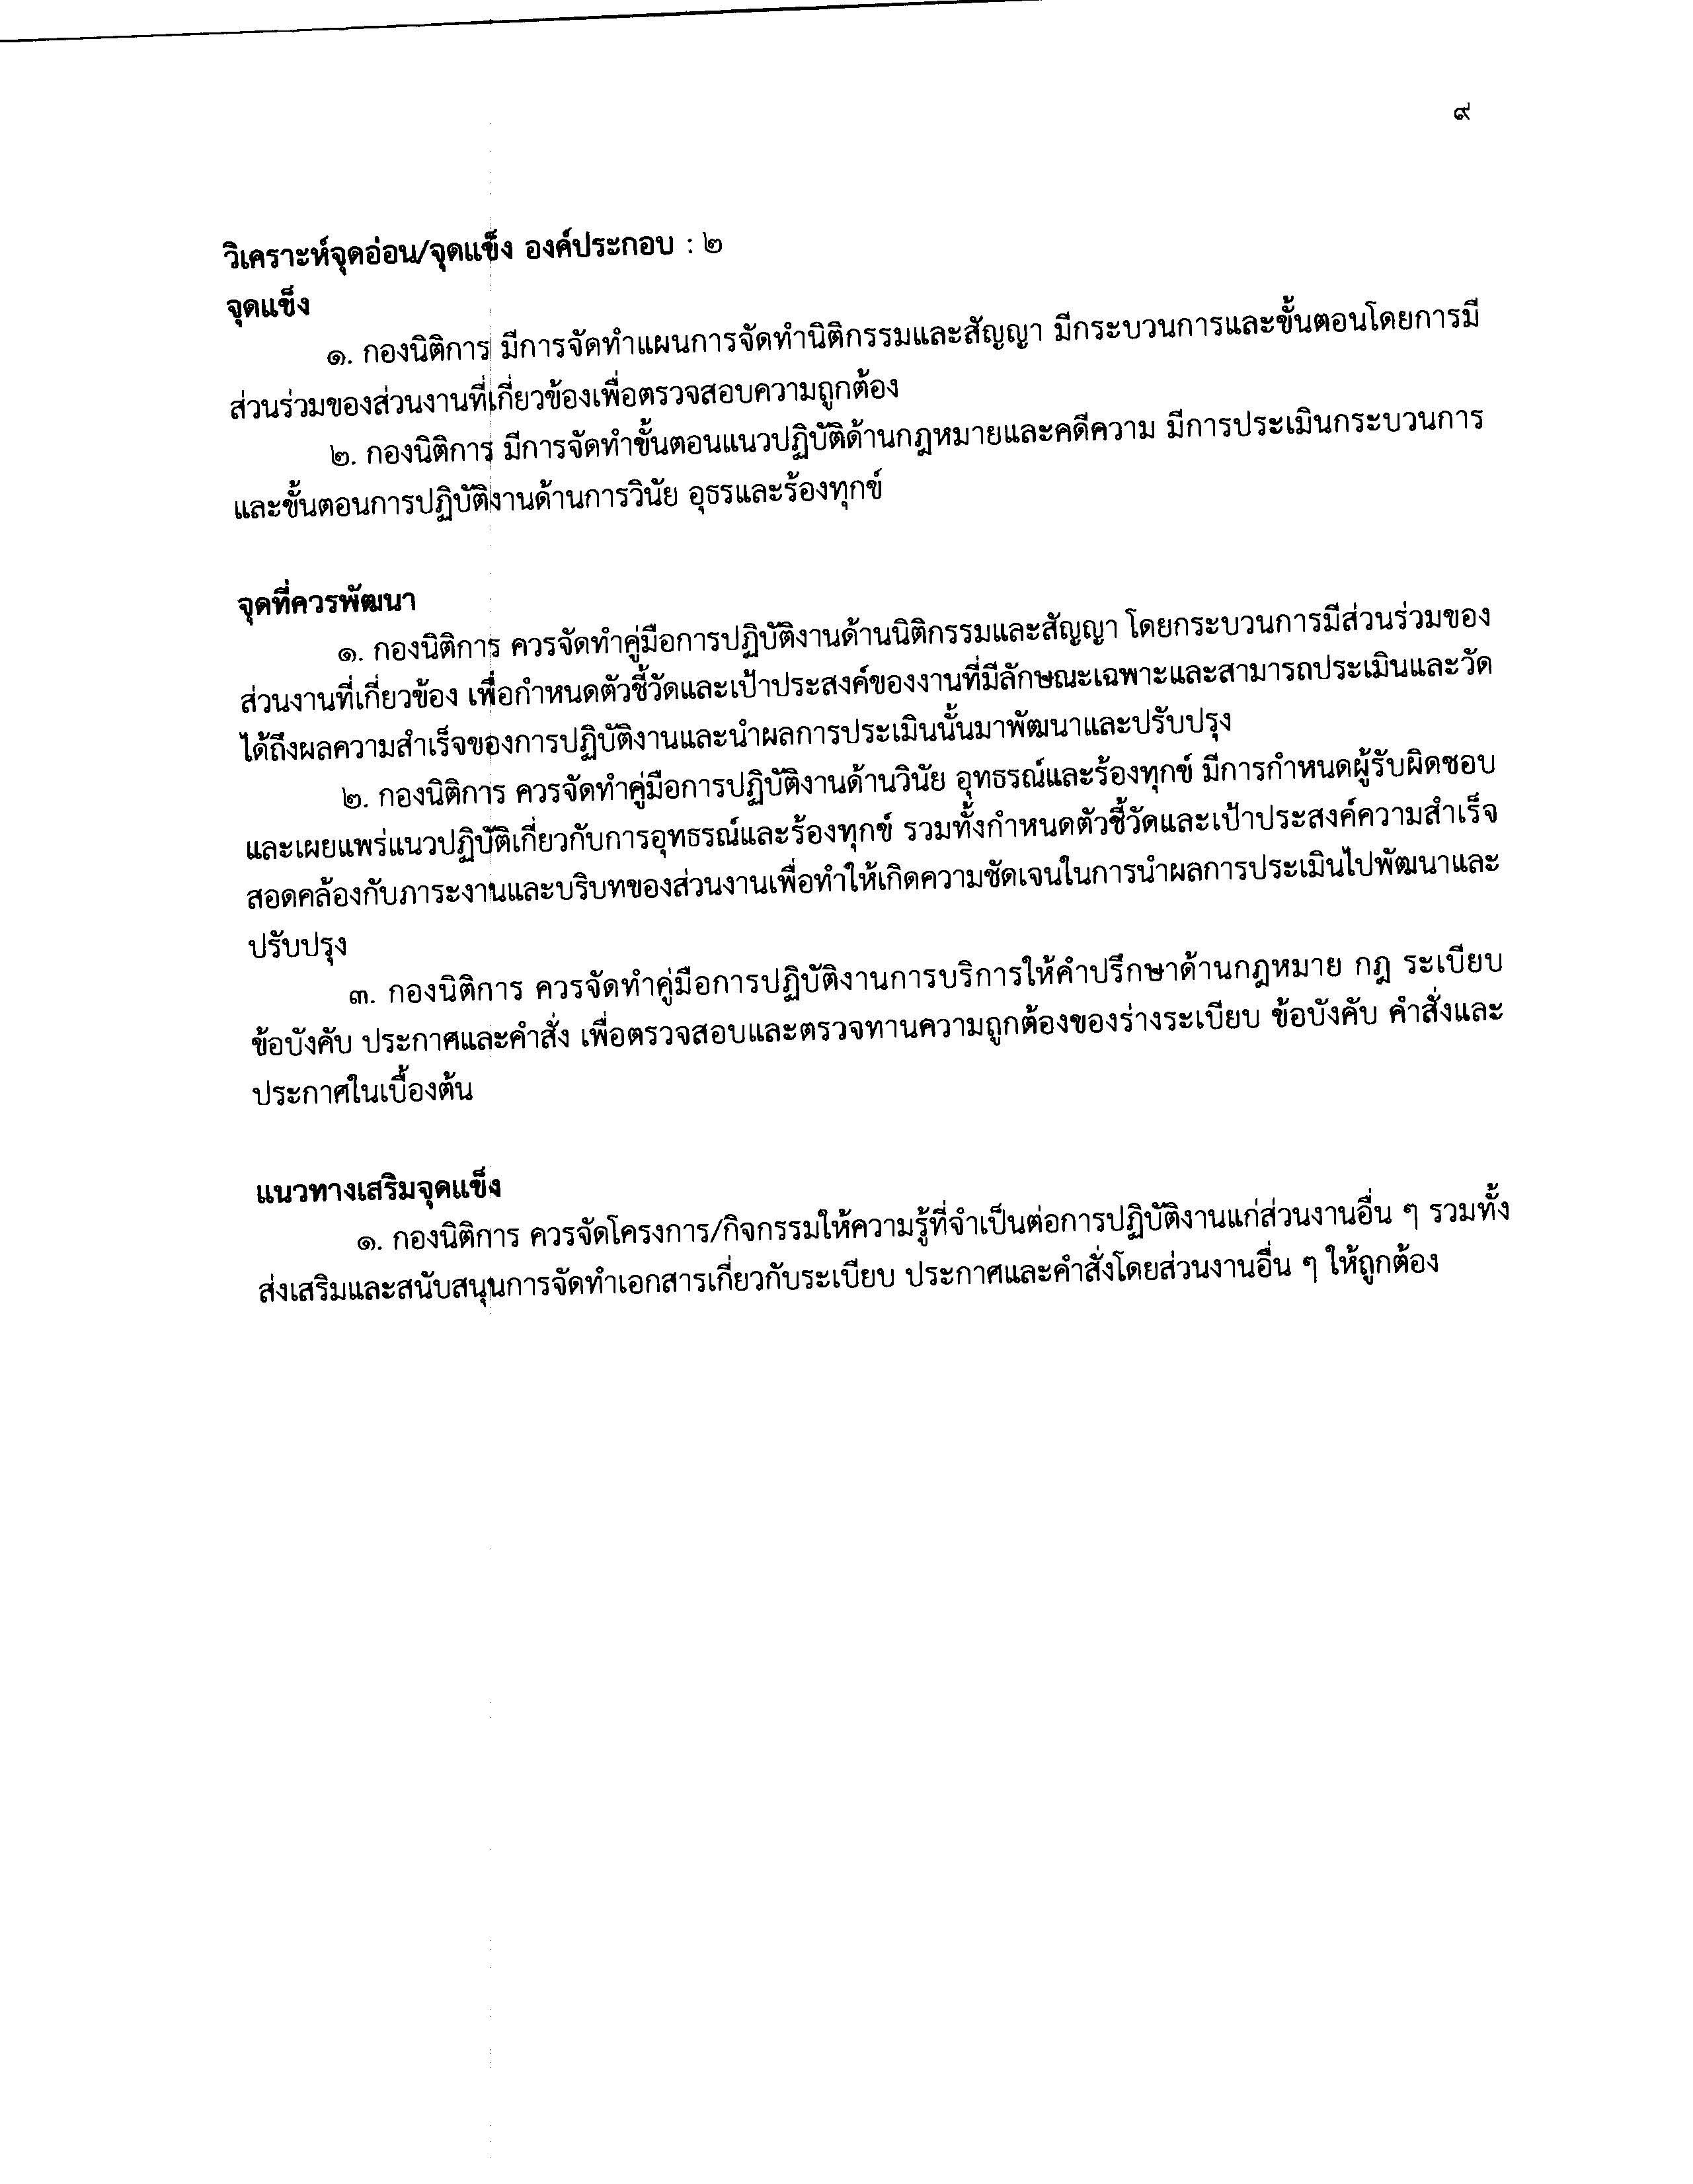 รายงานผลการประเมินคุณภาพภายในส่วนงานสนับสนุน_Page_12